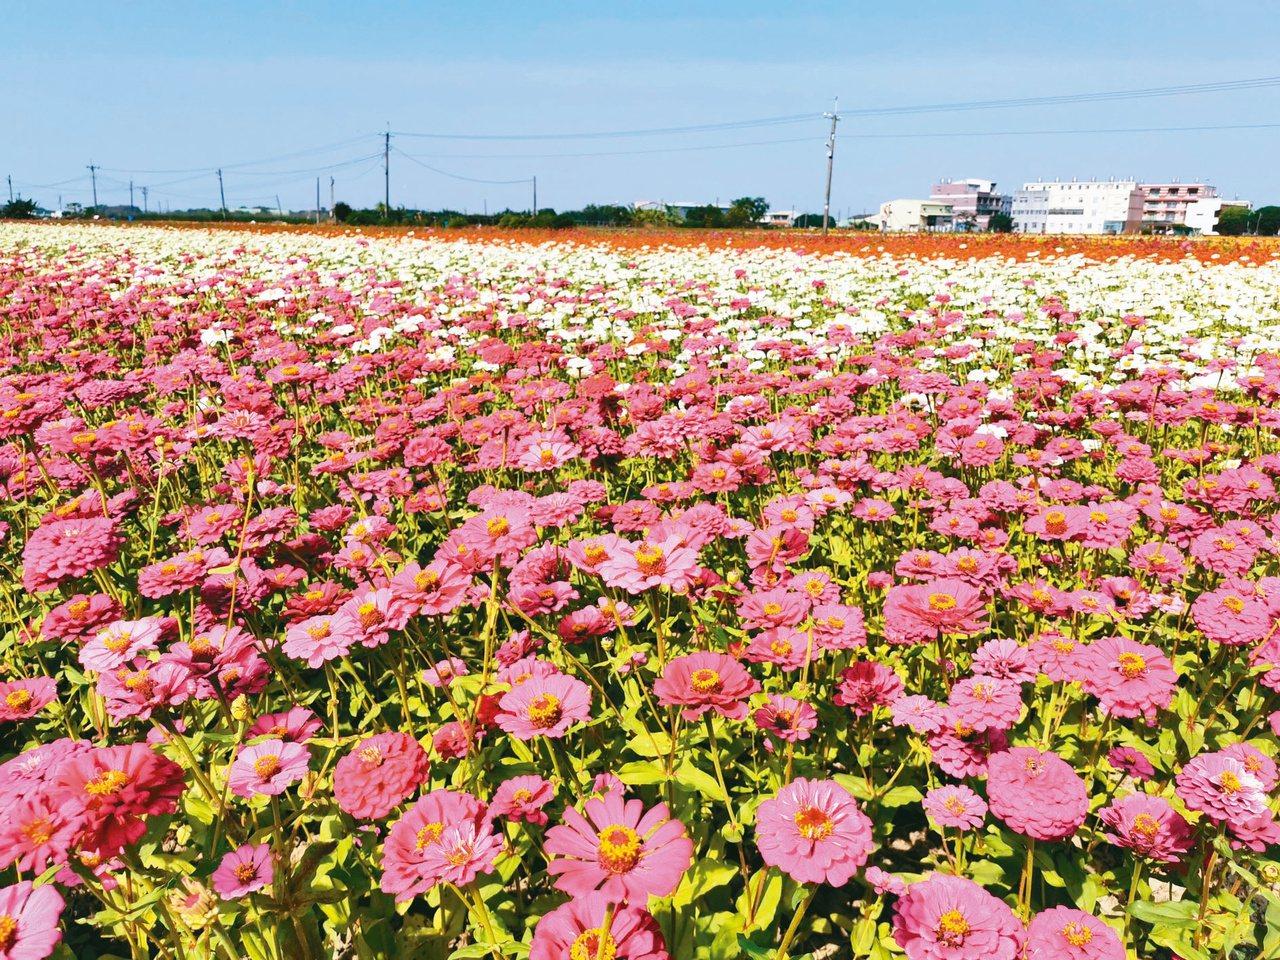 嘉義市花海節一連兩周的周六、日舉辦,今年暖冬少雨,各種花卉已提早綻放,14公頃花...